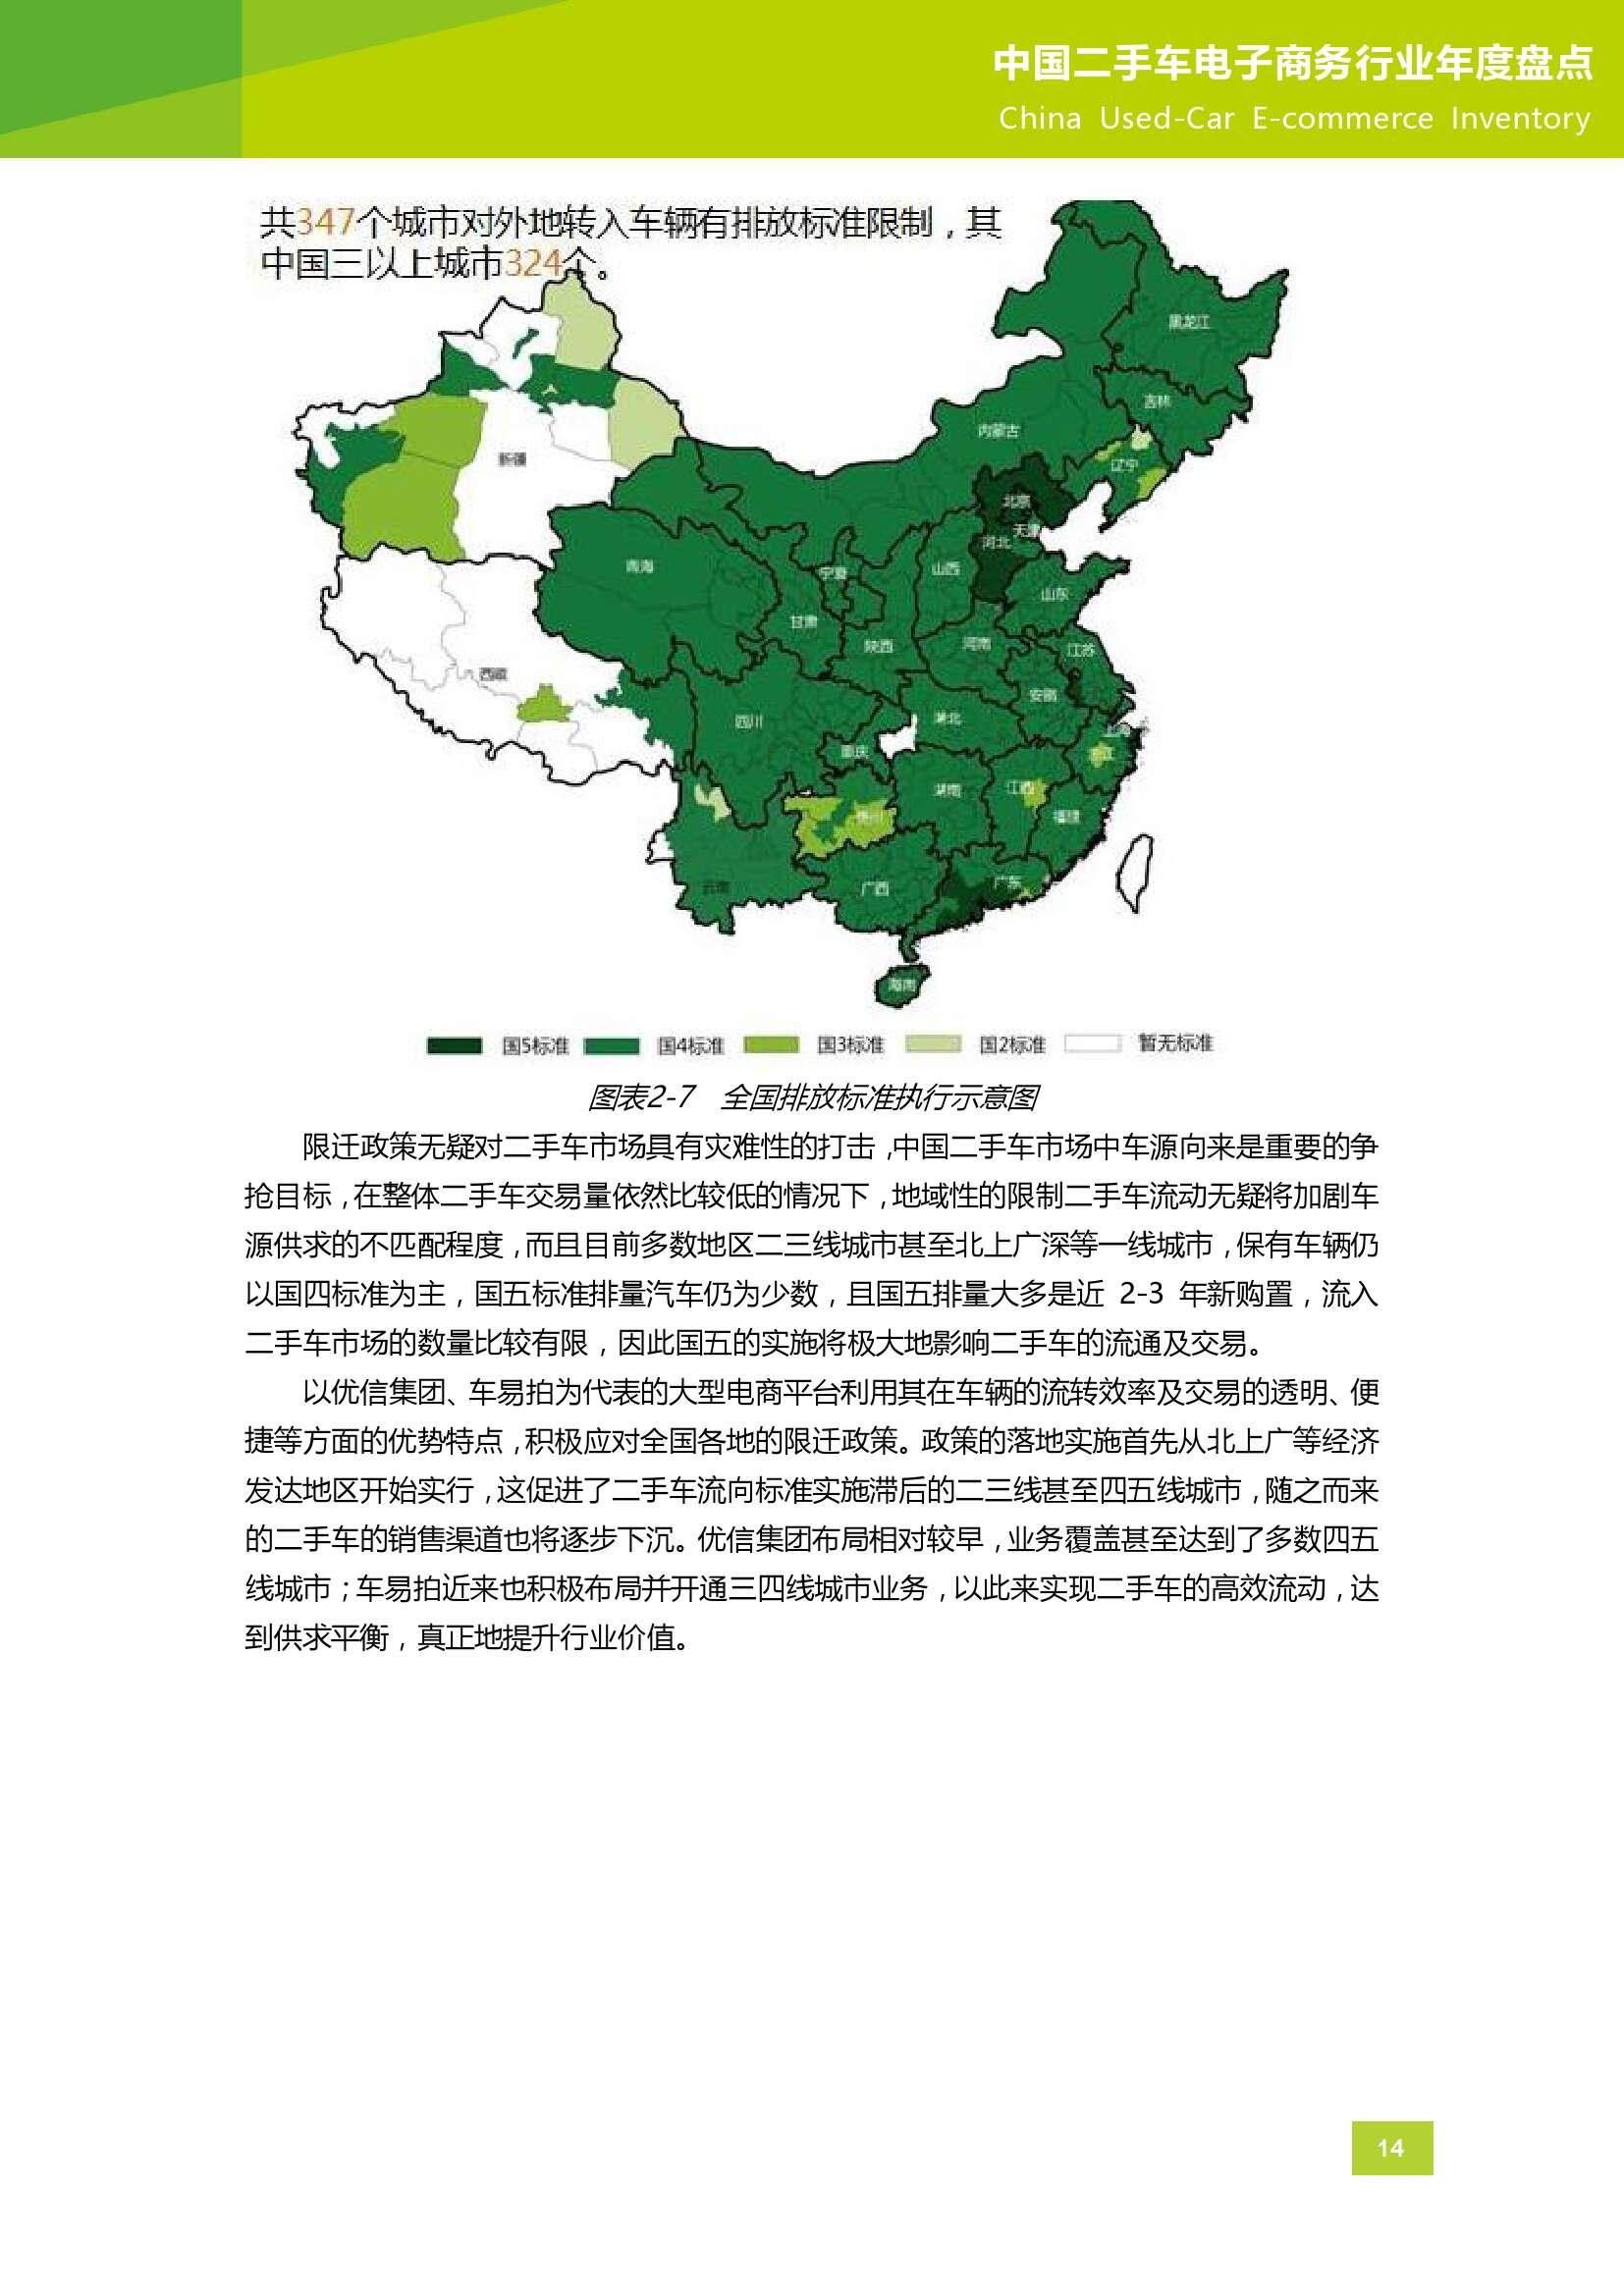 2015年中国二手车电子商务行业年度盘点_000015